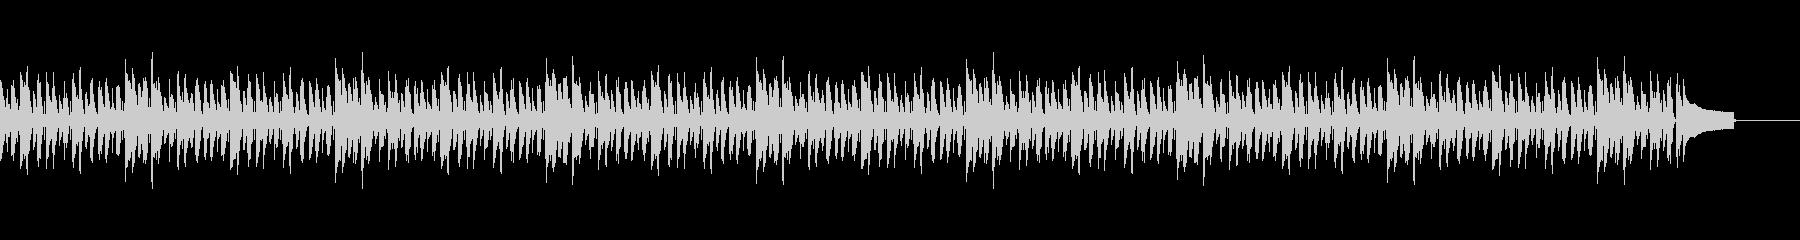 日常系BGMeの未再生の波形